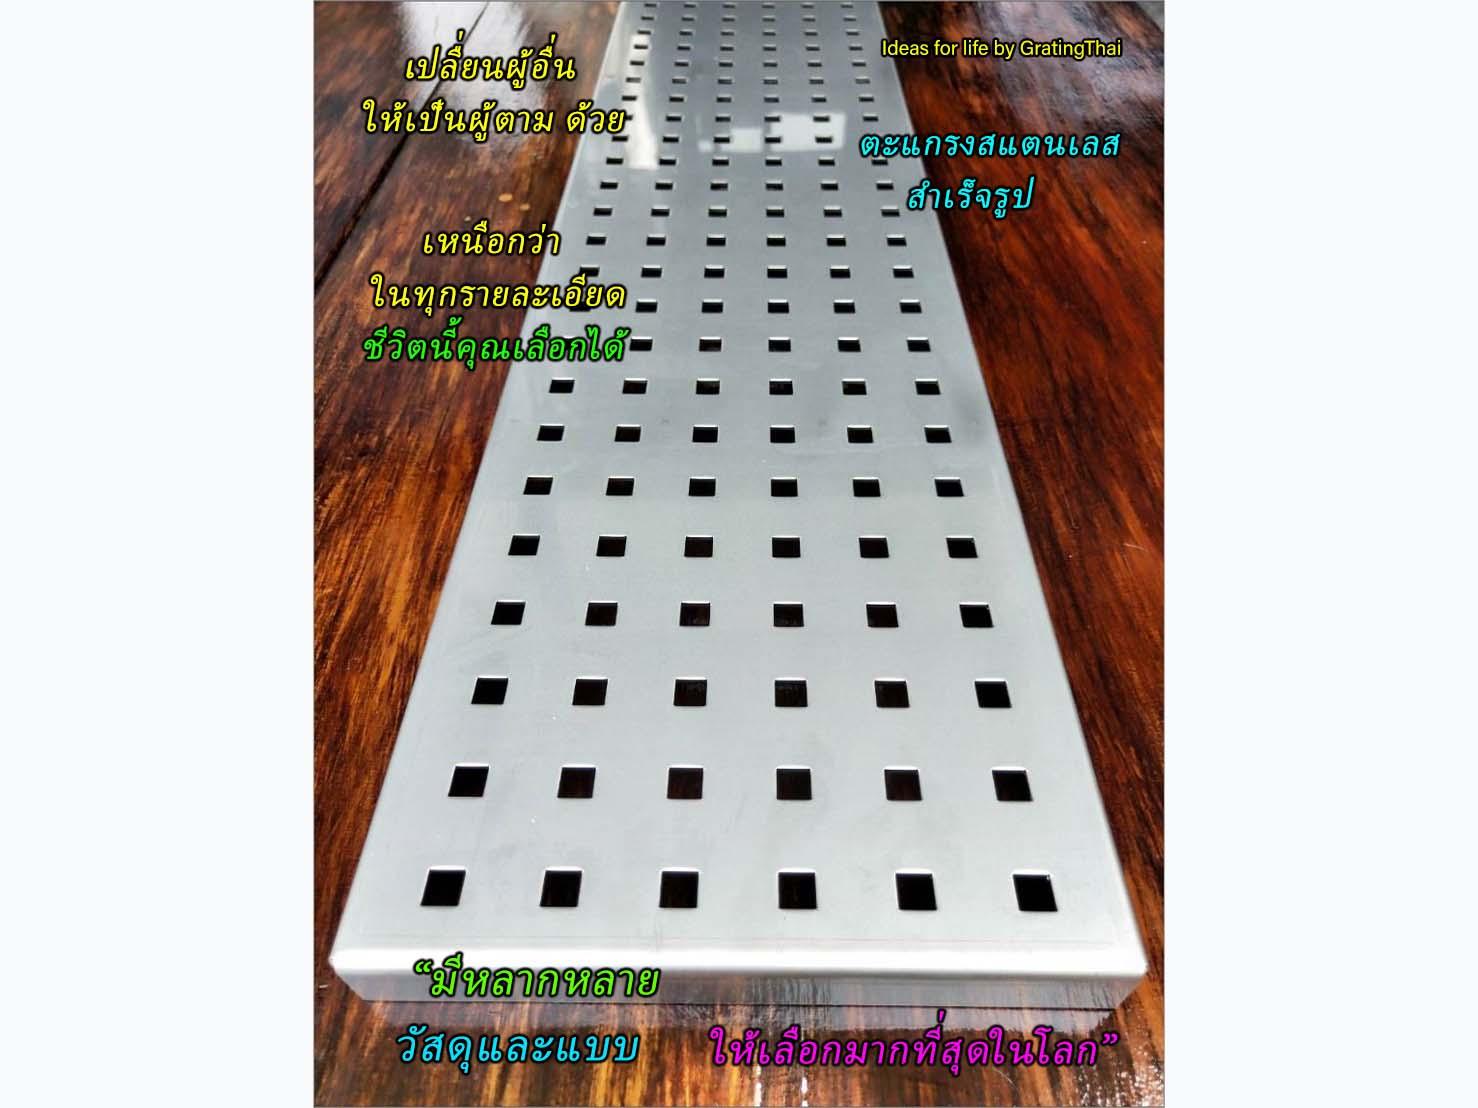 ฝาบ่อพักพื้นตะแกรงสแตนเลสระบายน้ำสำเร็จรูป  bathroom Stainless Aluminium Expanded Metal Grating